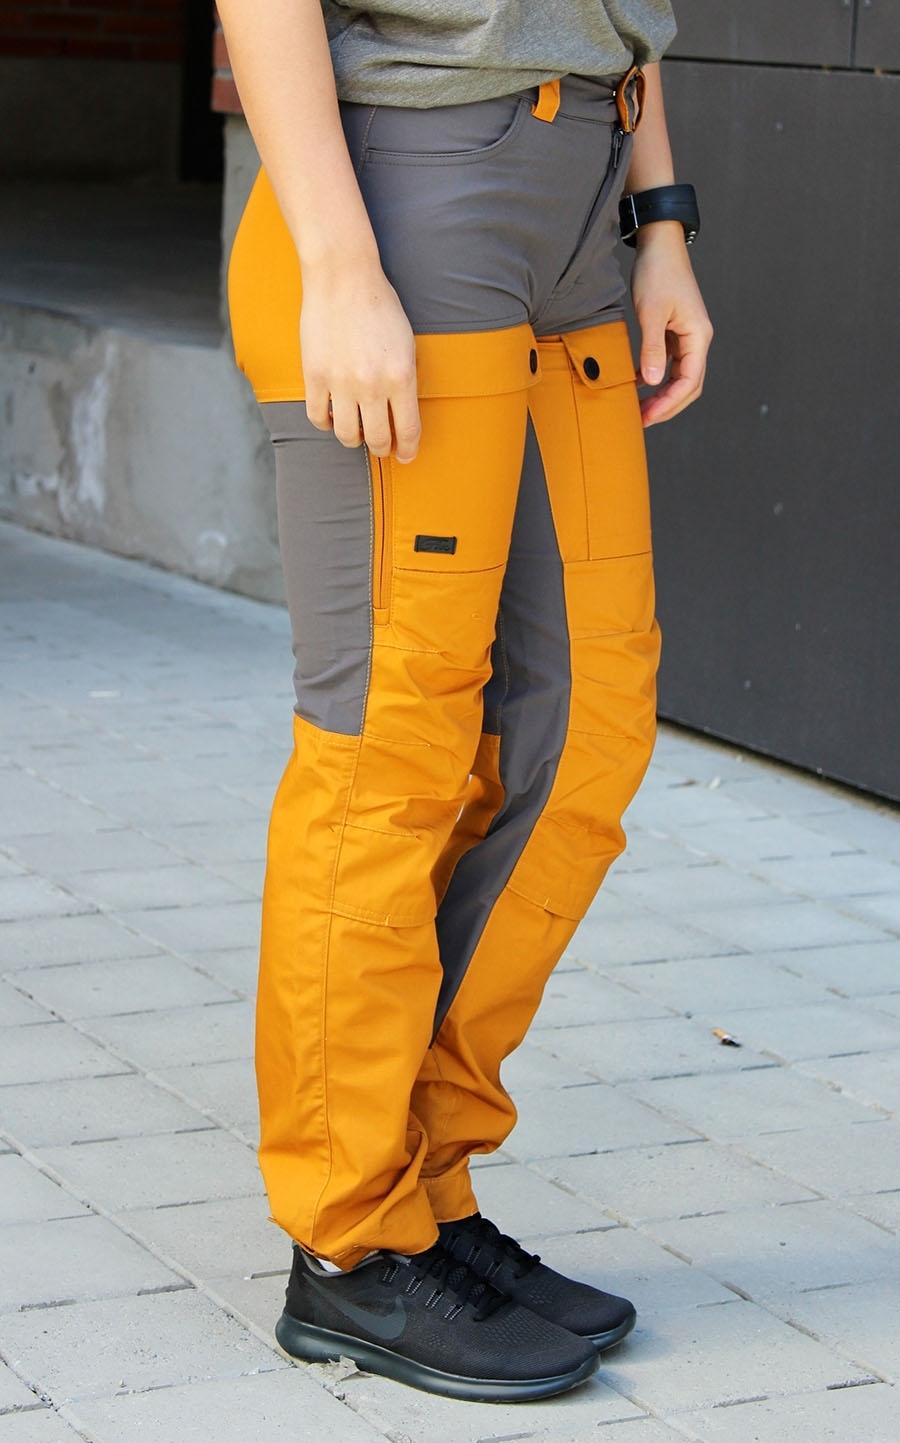 d6008aa3 Enfys pnt woman gul- Nava Sport - Vi selger klær og sko fra Adidas ...